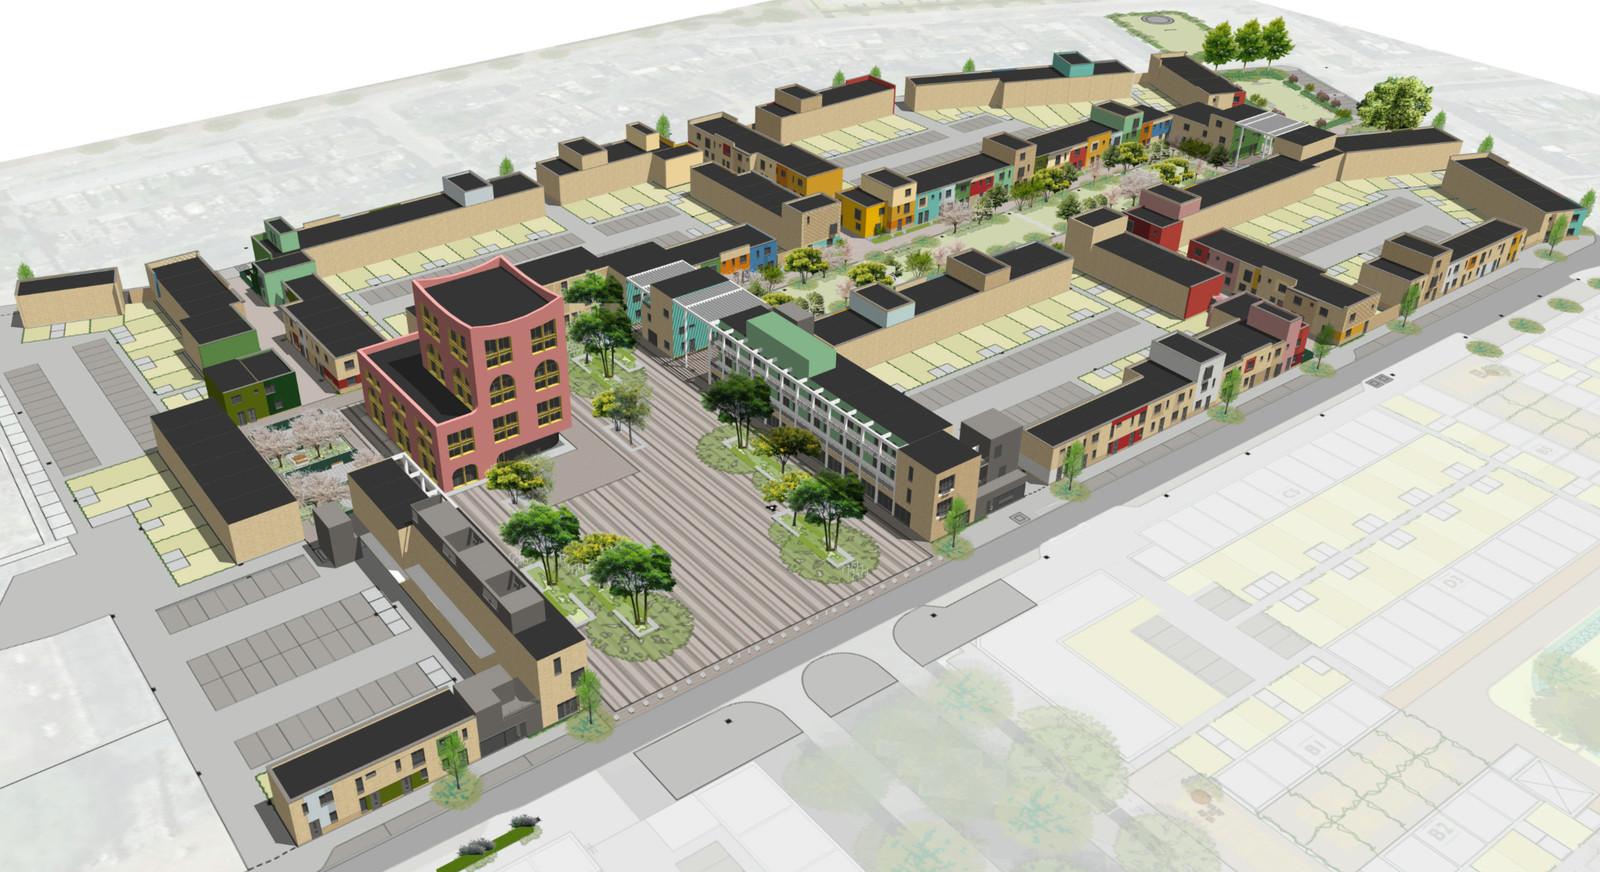 Overzicht van de laatste fase  van de stadsvernieuwing in Woensel-West, Eindhoven. Dit nieuwbouwproject ligt rond het vergrote Celsiusplein met daarop een nieuw 'waaggebouw' met buurtvoorzieningen.